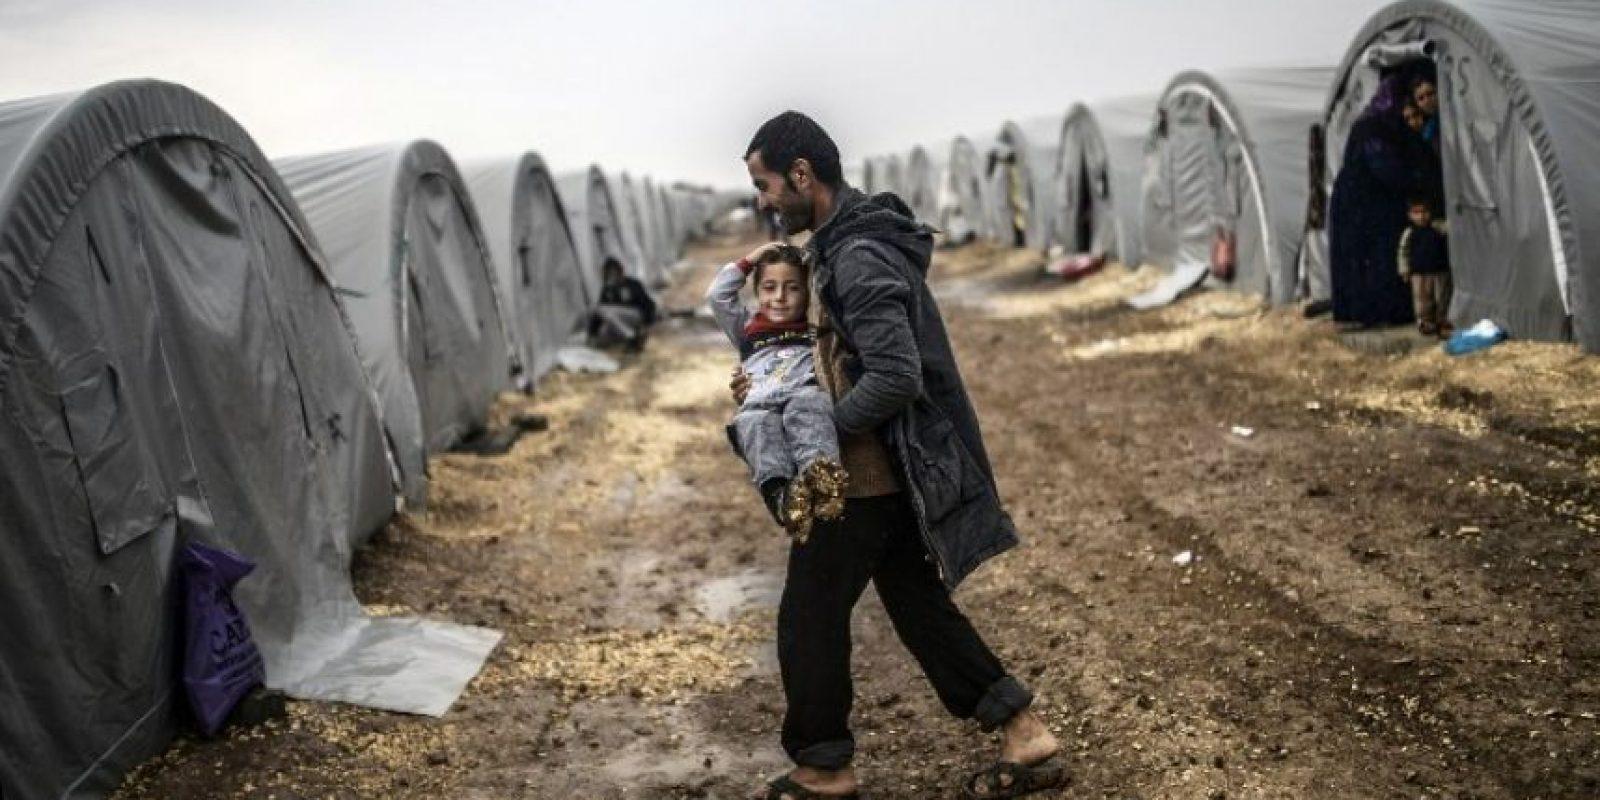 El precio de las mujeres para Estado Islámico Foto:AFP